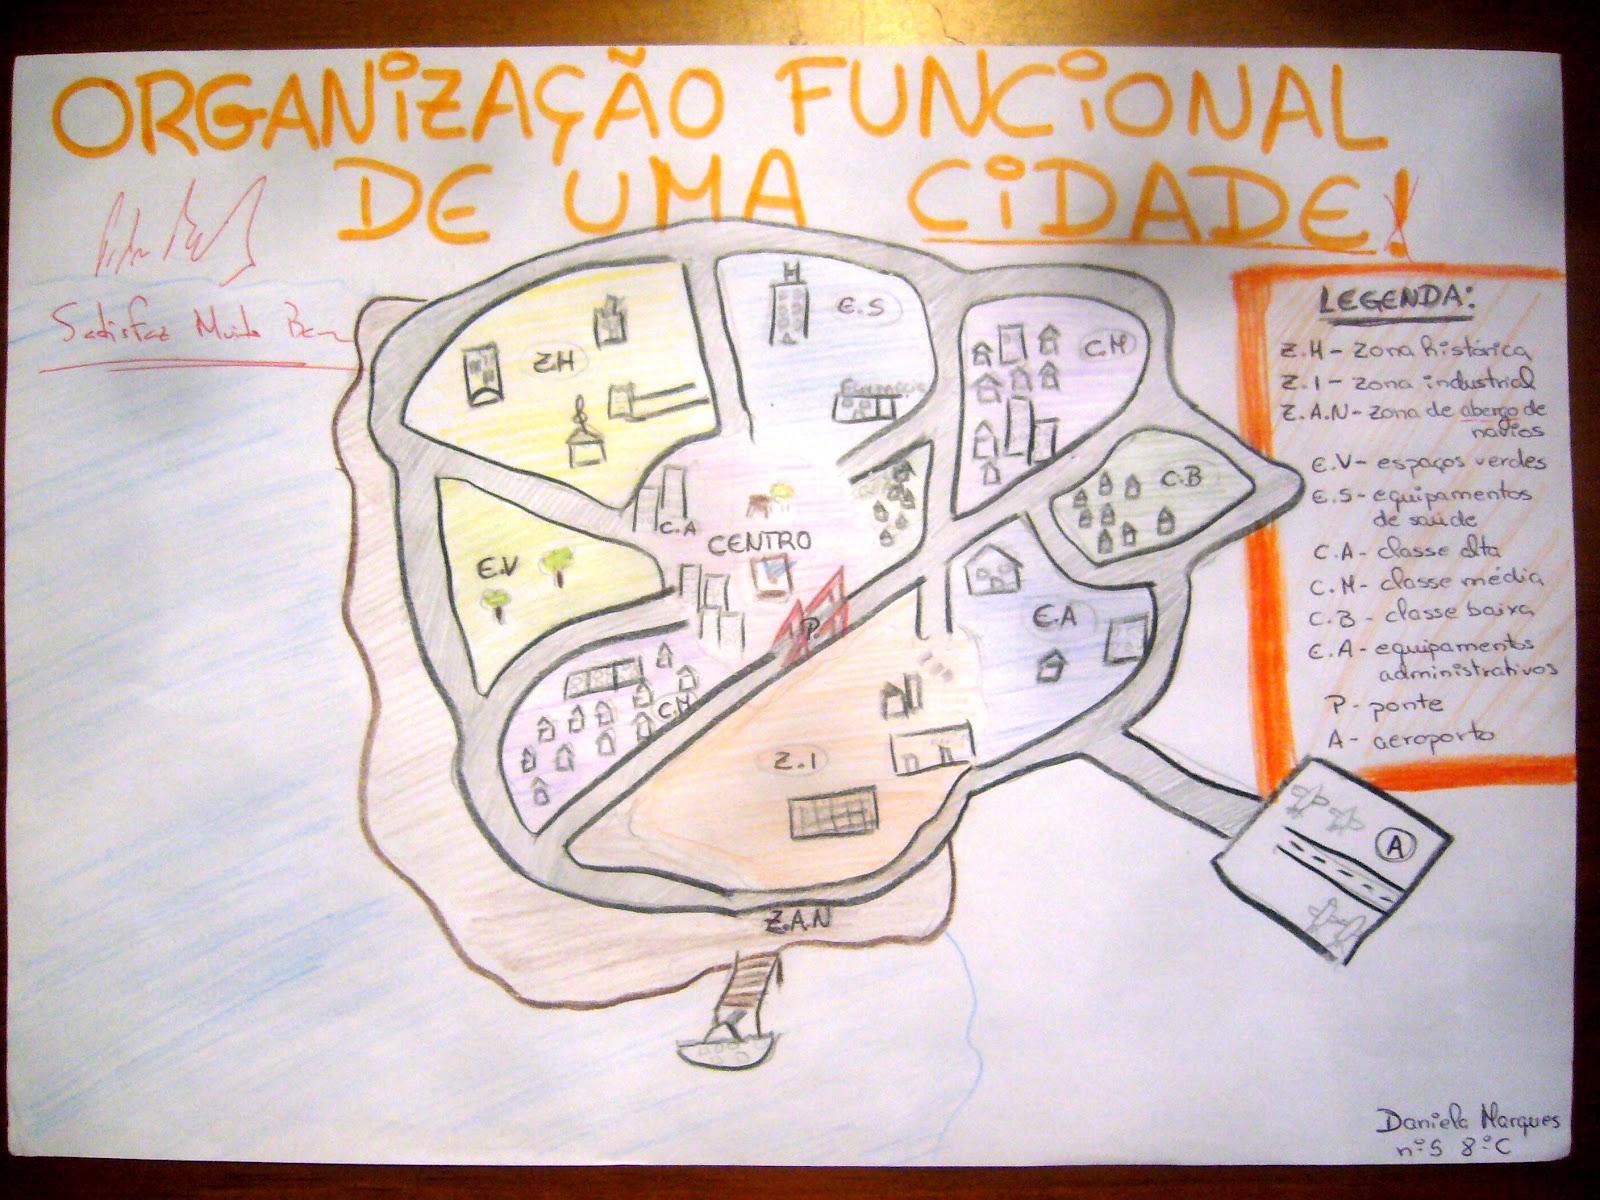 Resultado de imagem para organização funcional da cidade